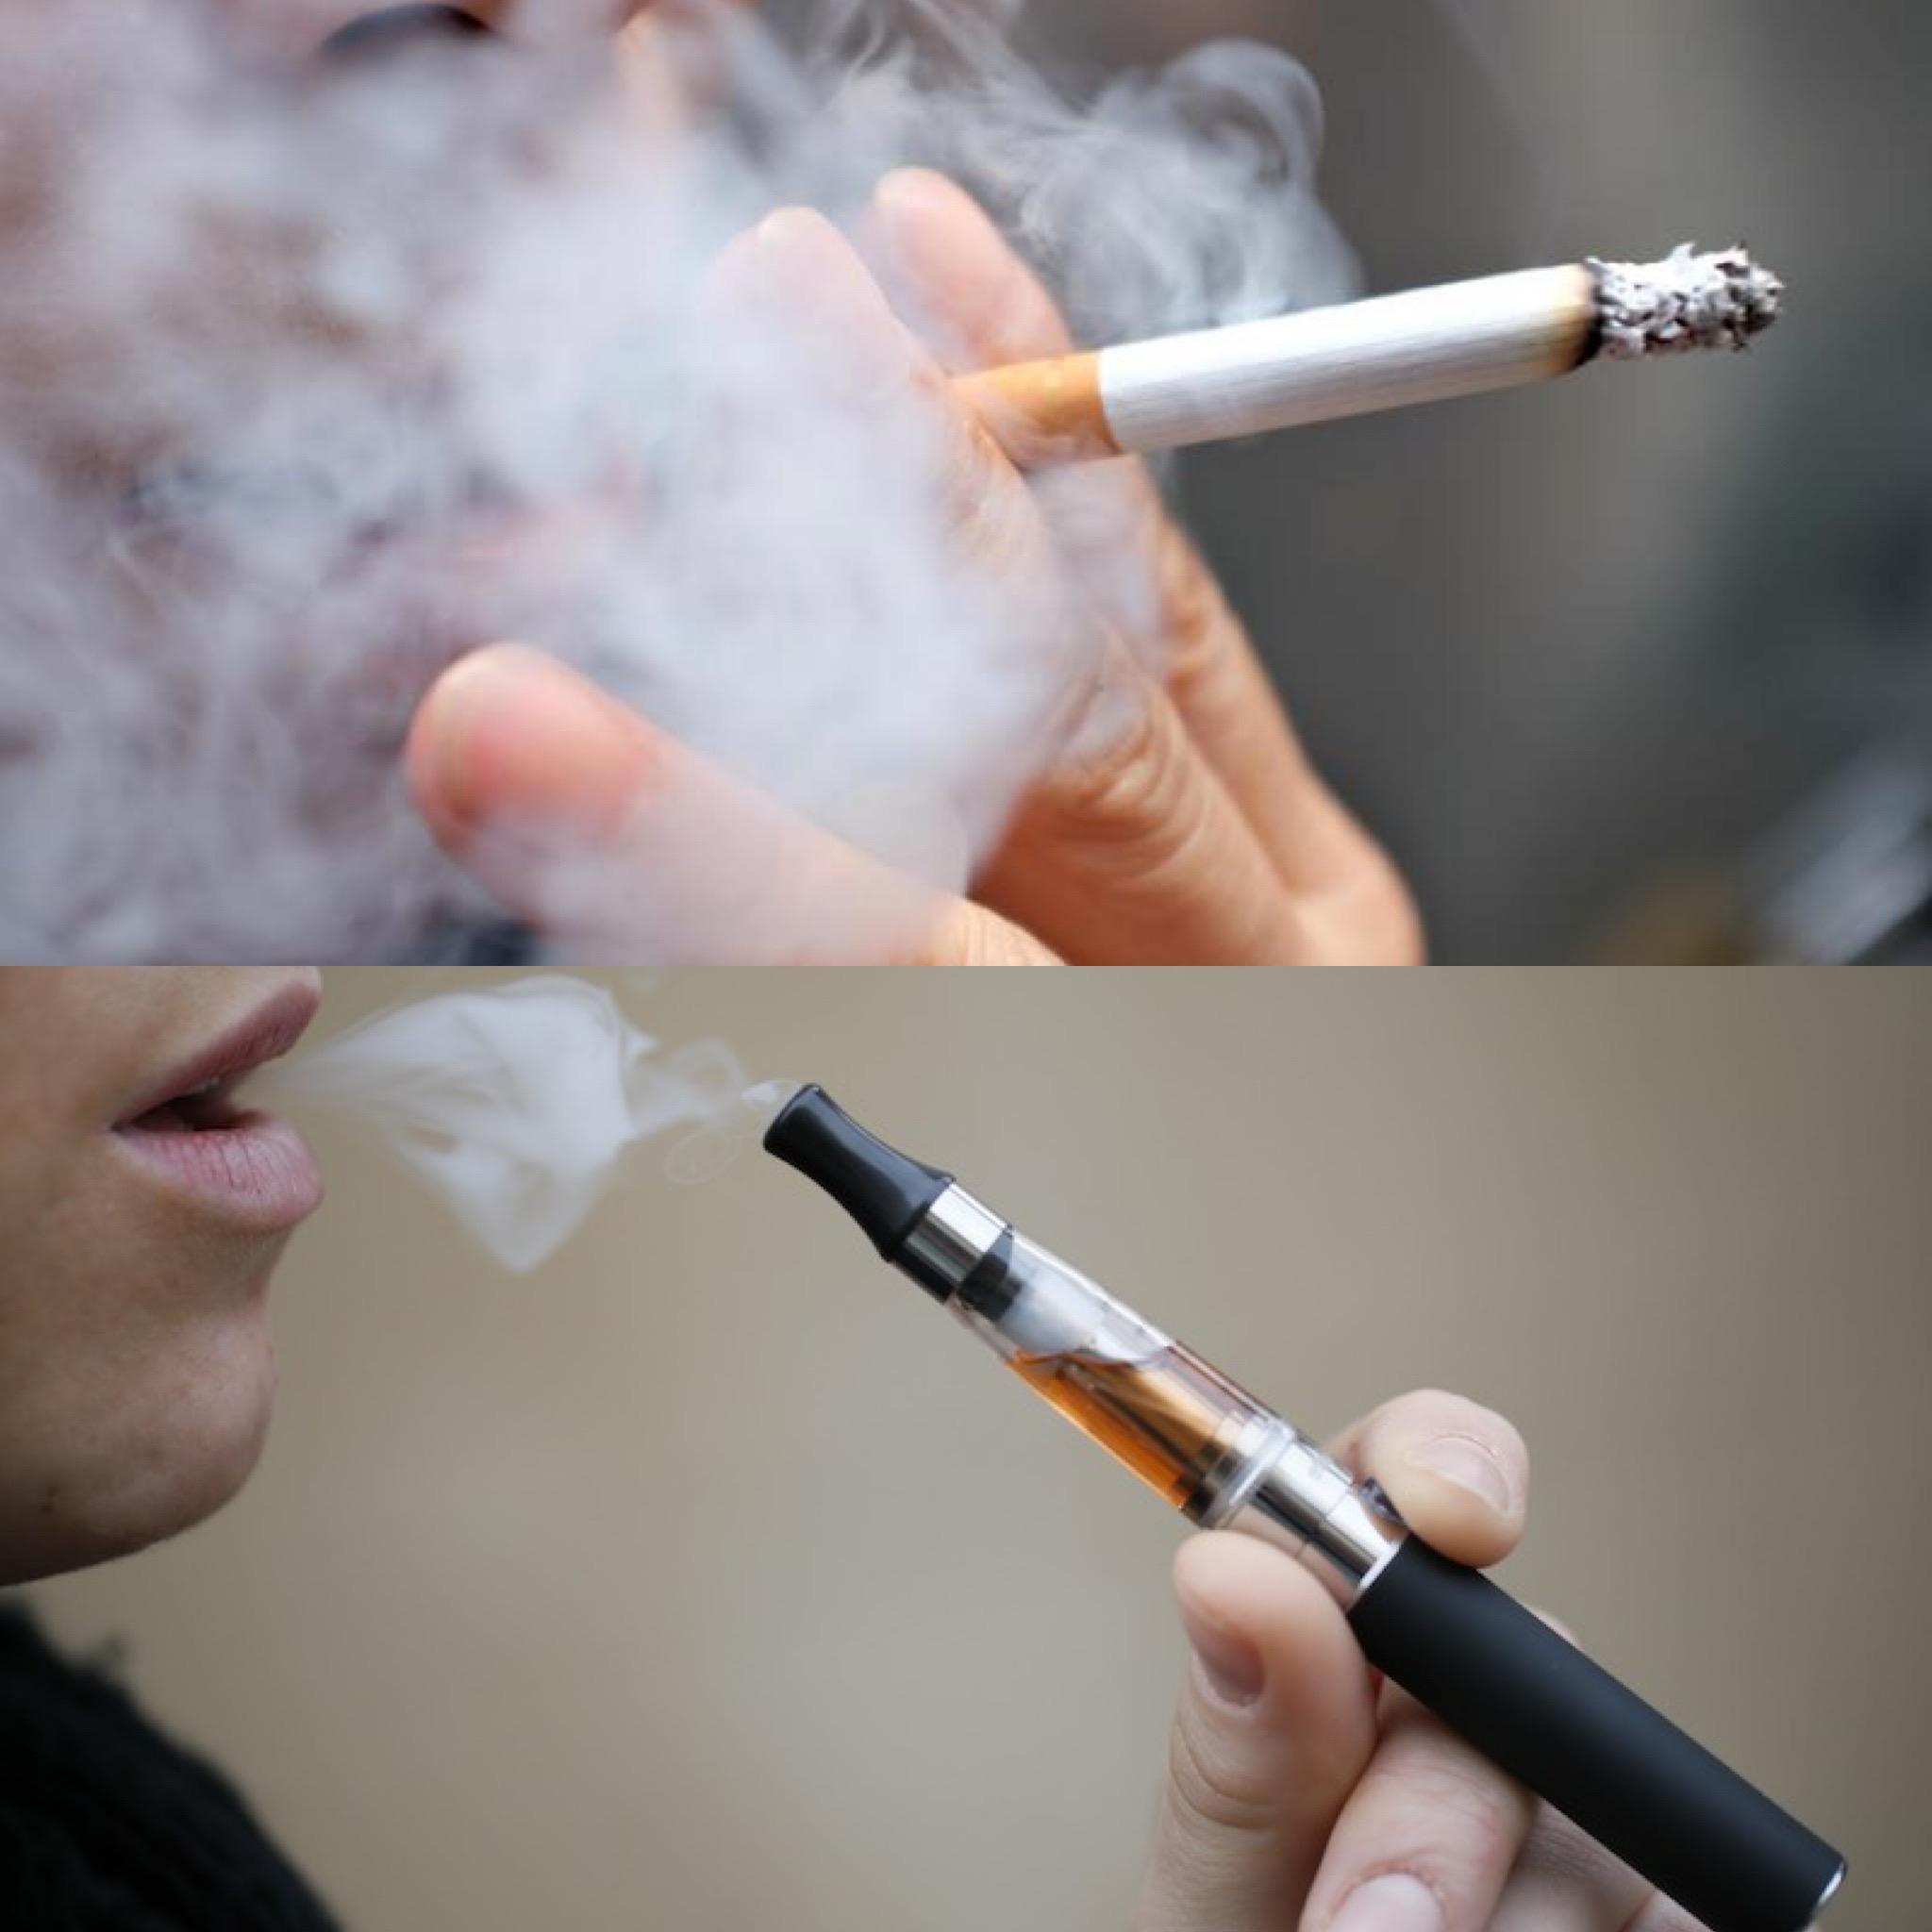 Sigarette Vs Sigarette Elettroniche Potenziale Cancerogeno Da 10 A 25 Volte Inferiore Nelle E Cig Meteoweb